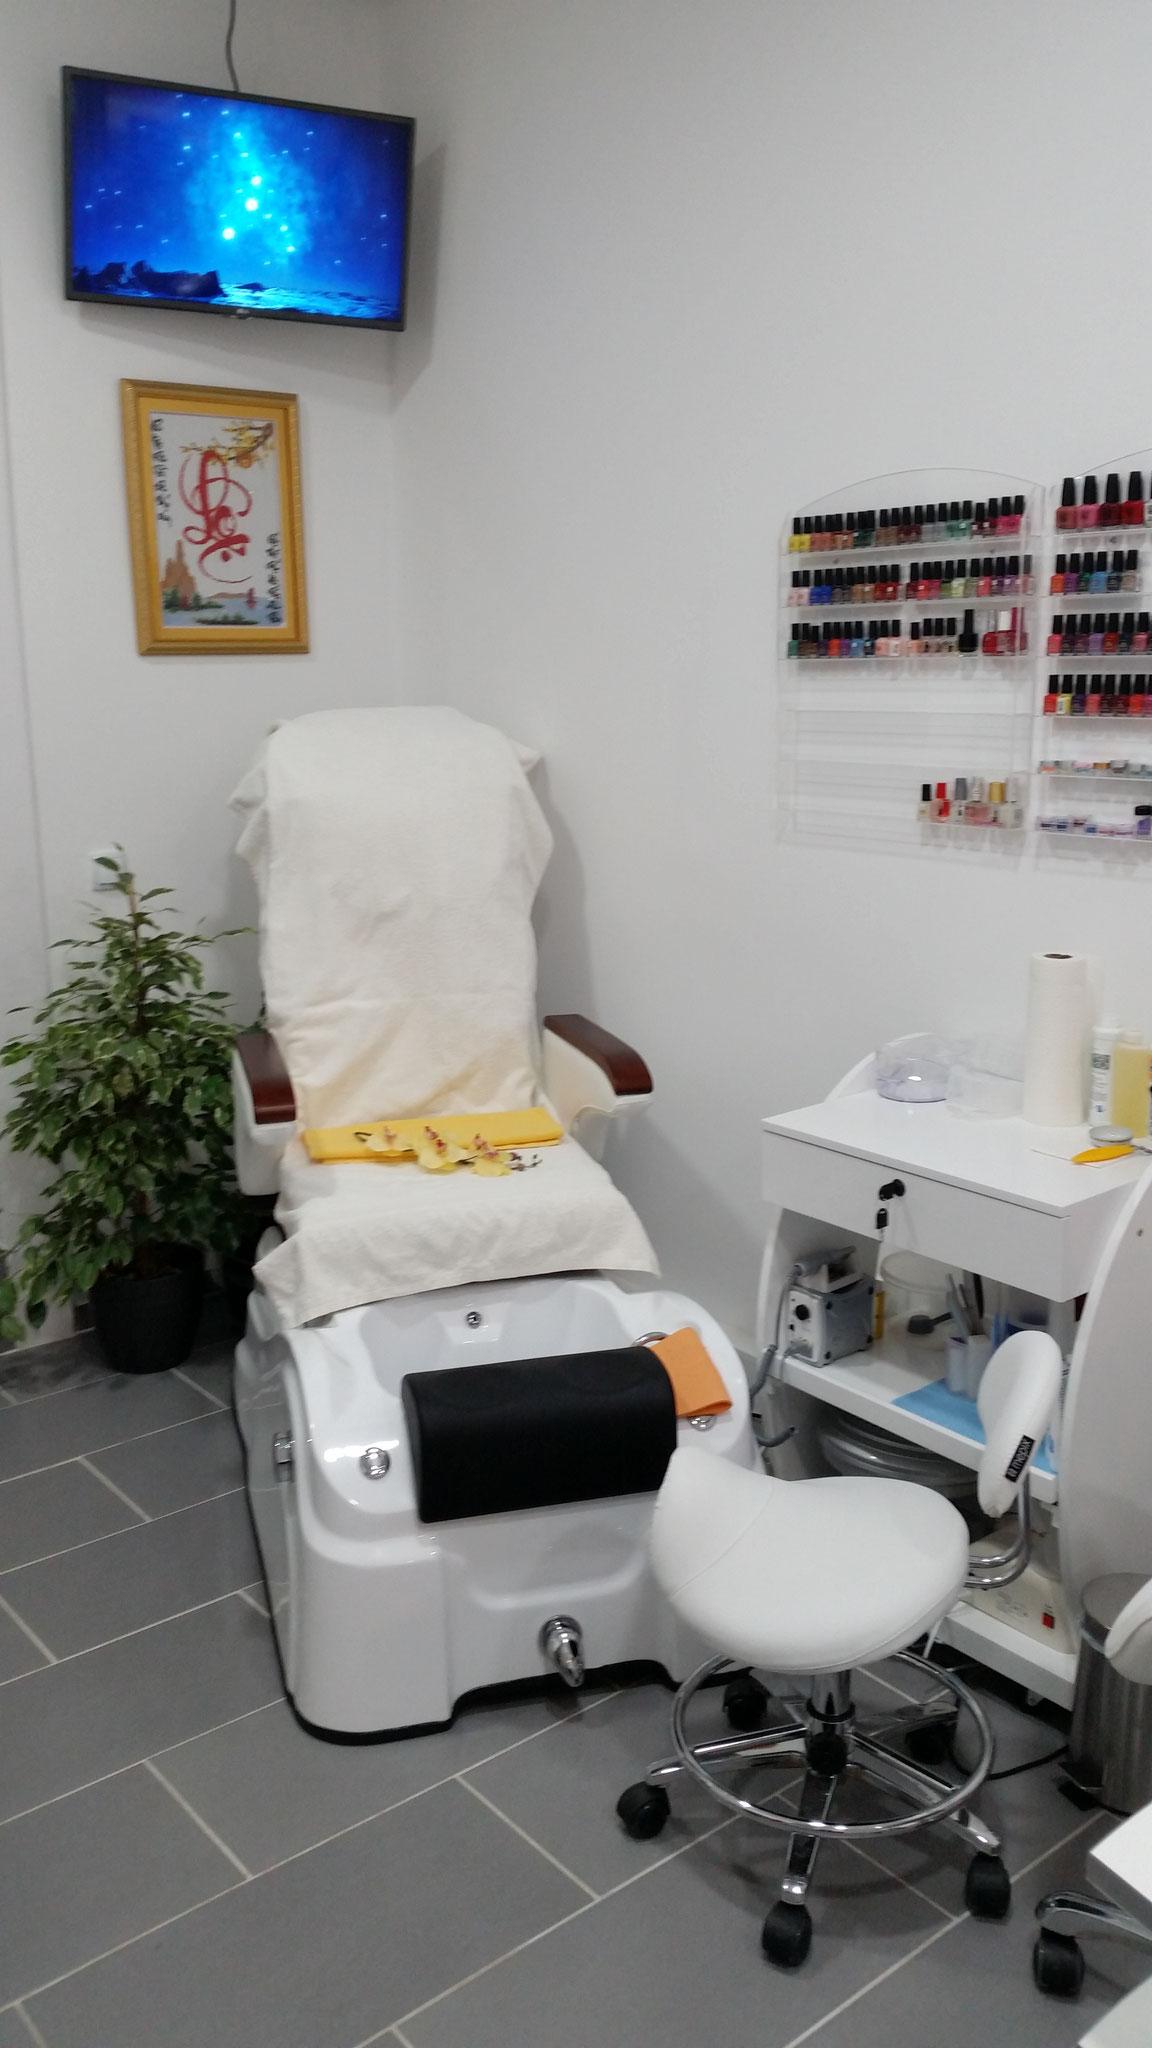 Wir begrüßen sie sehr Herzlich bei Phu's Beauty & Wellness Studio